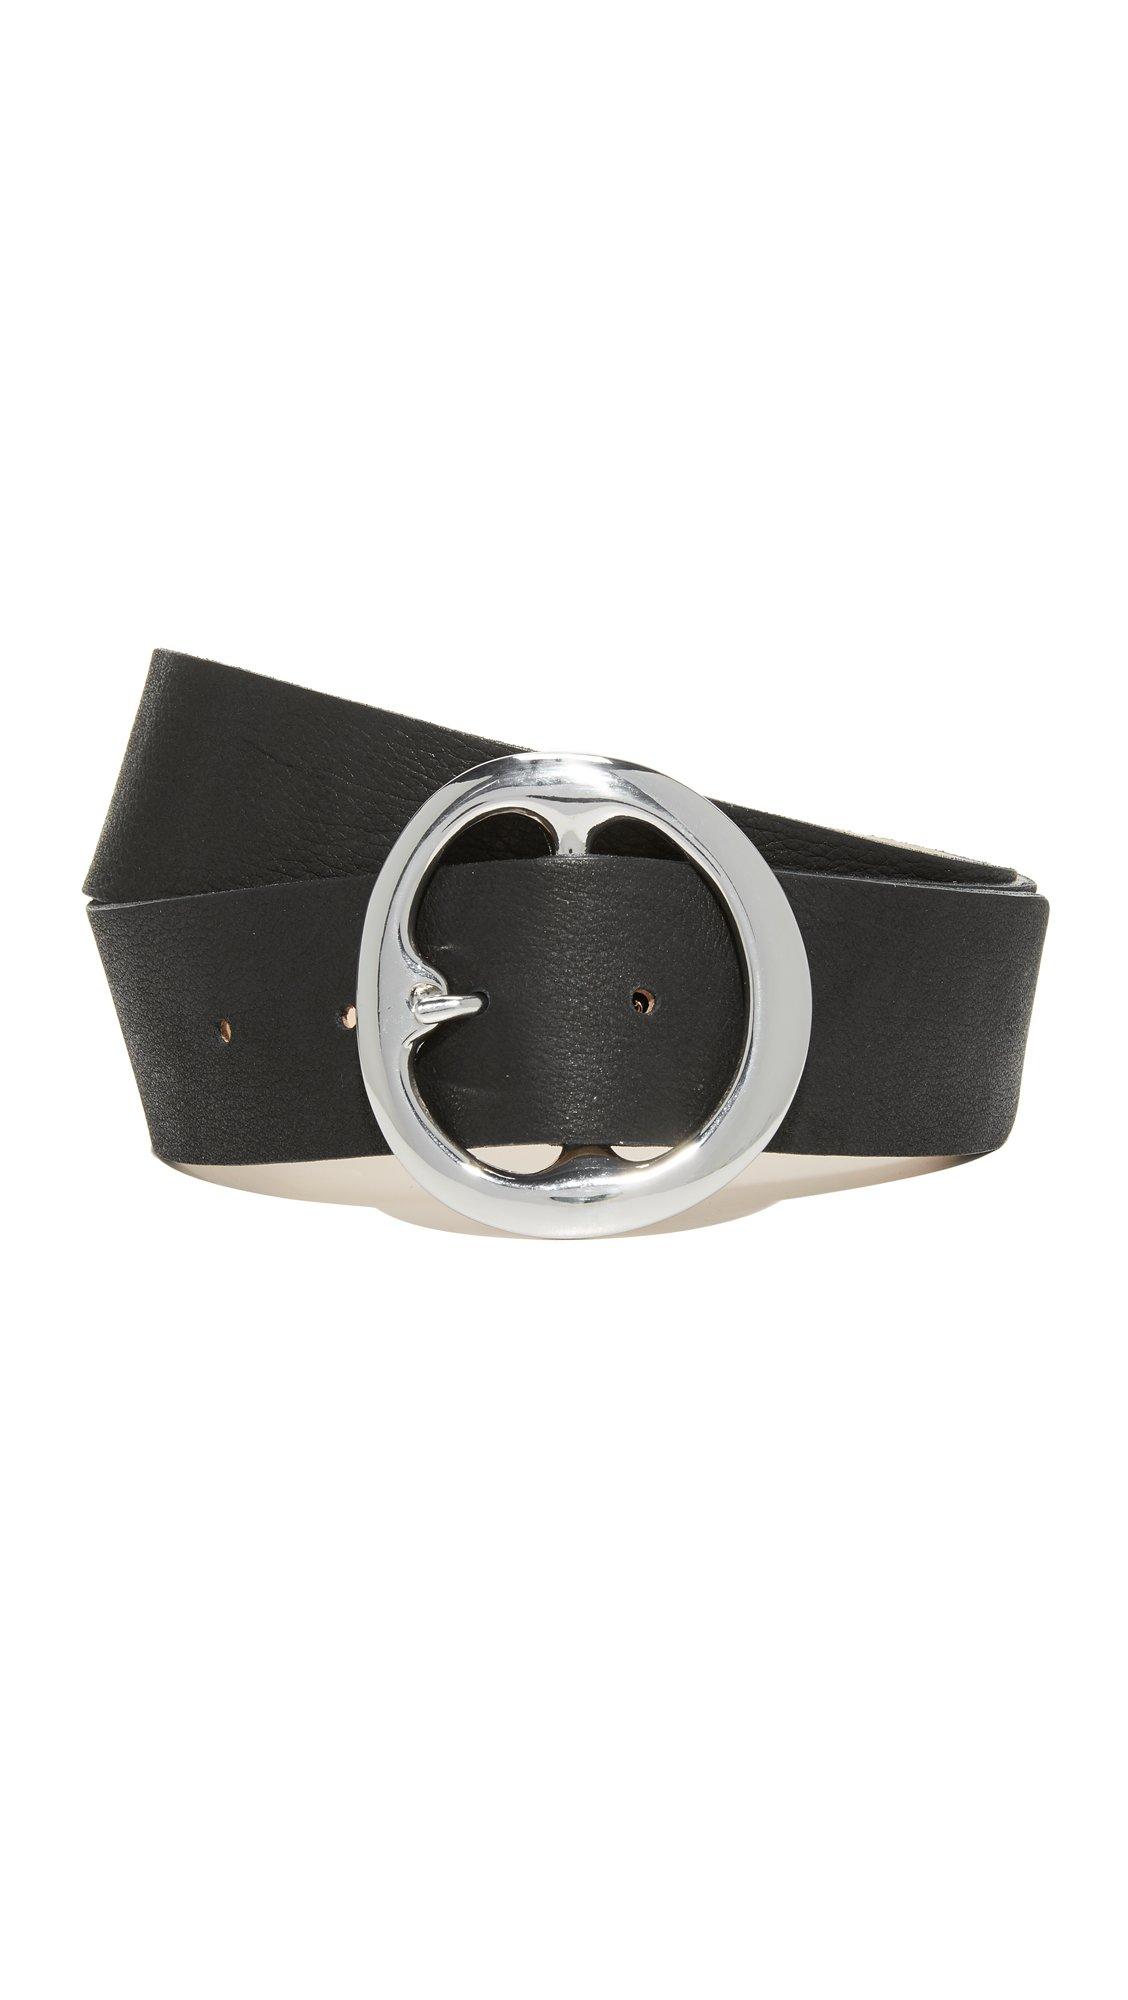 B-Low The Belt Women's Bell Bottom Belt, Black/Silver, Large by B-Low the Belt